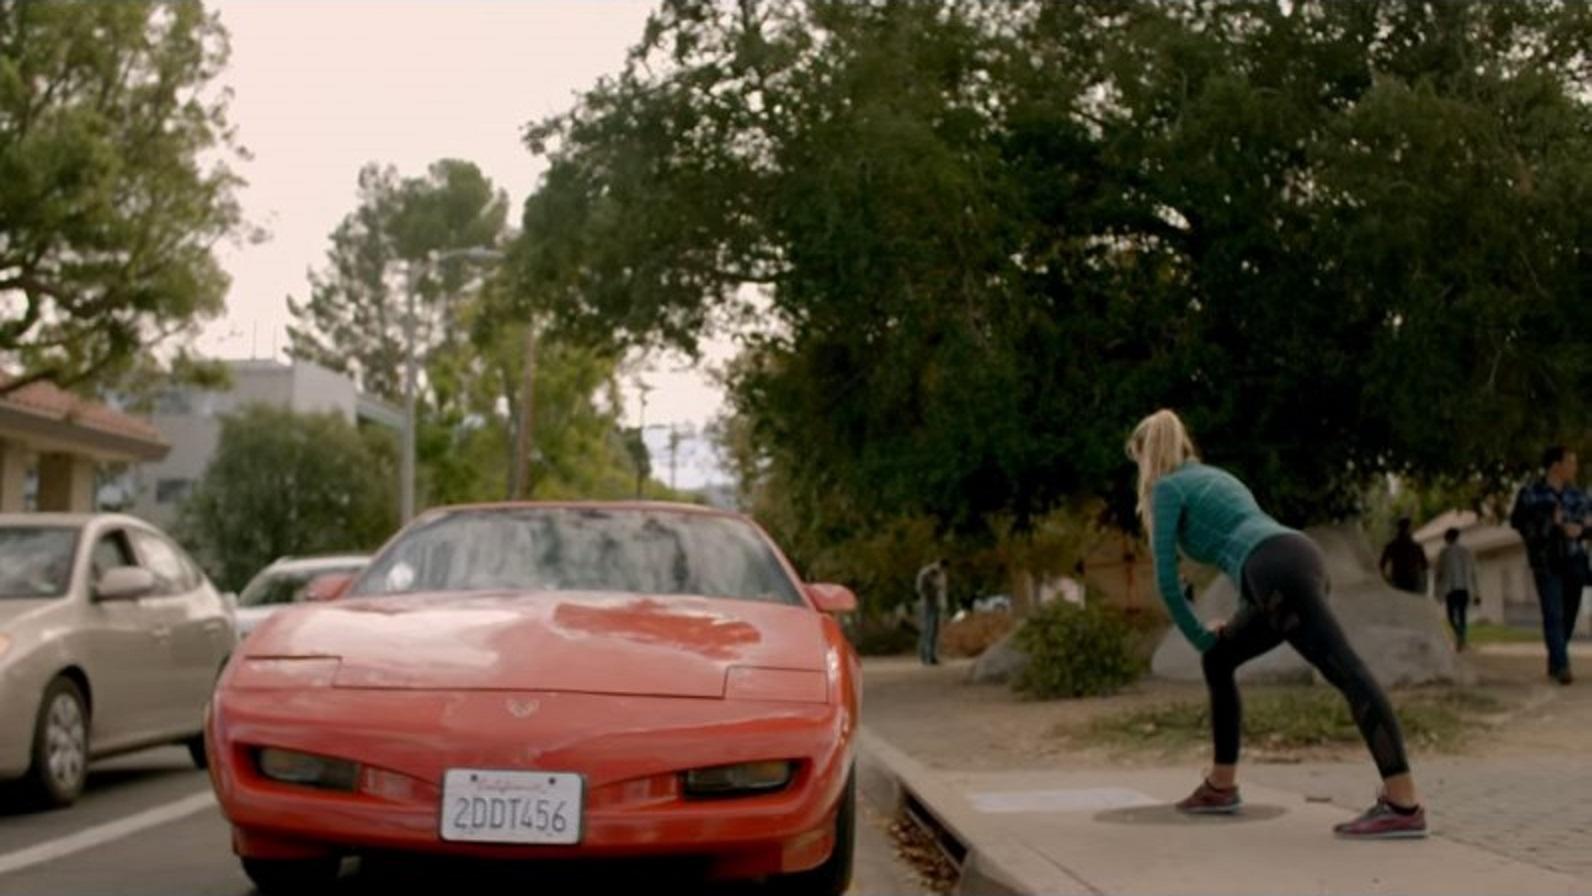 pontiac firebird vermelho visto de frente em imagem da serie cobra kai